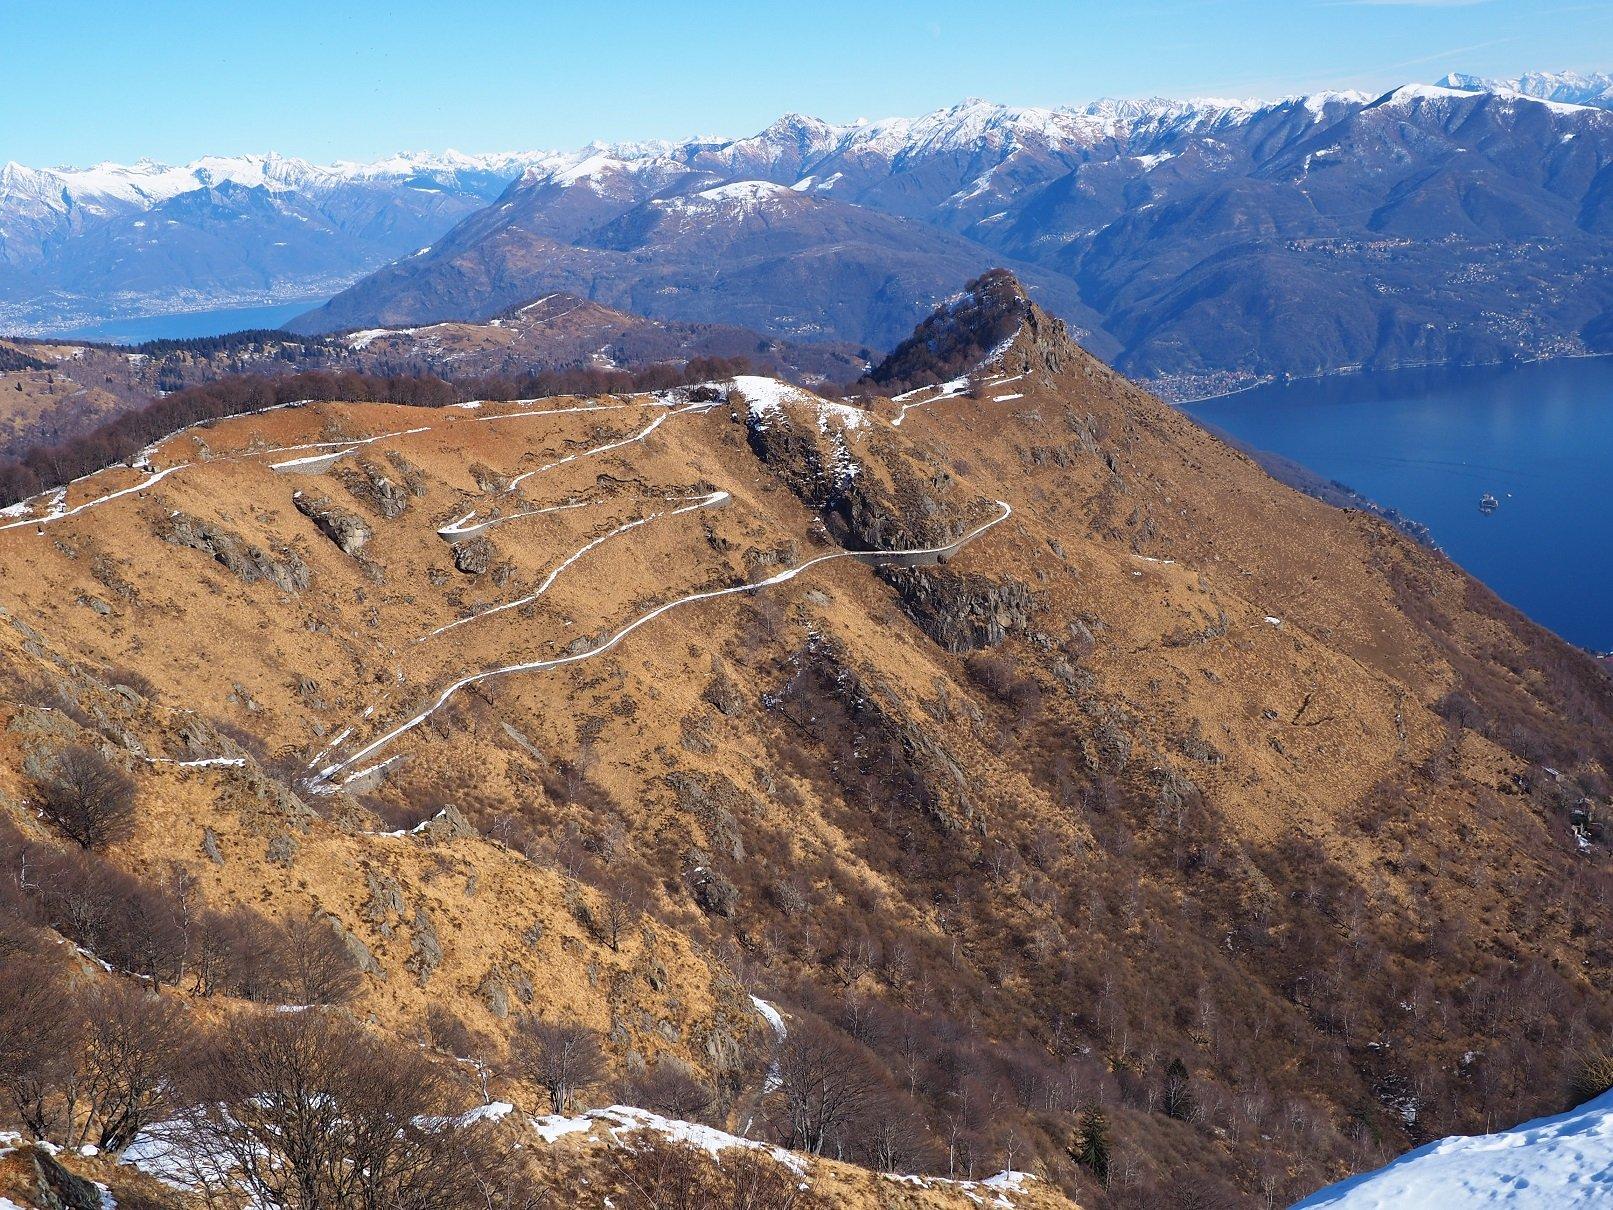 Il Morissolo vista dalla cima del Morissolino.